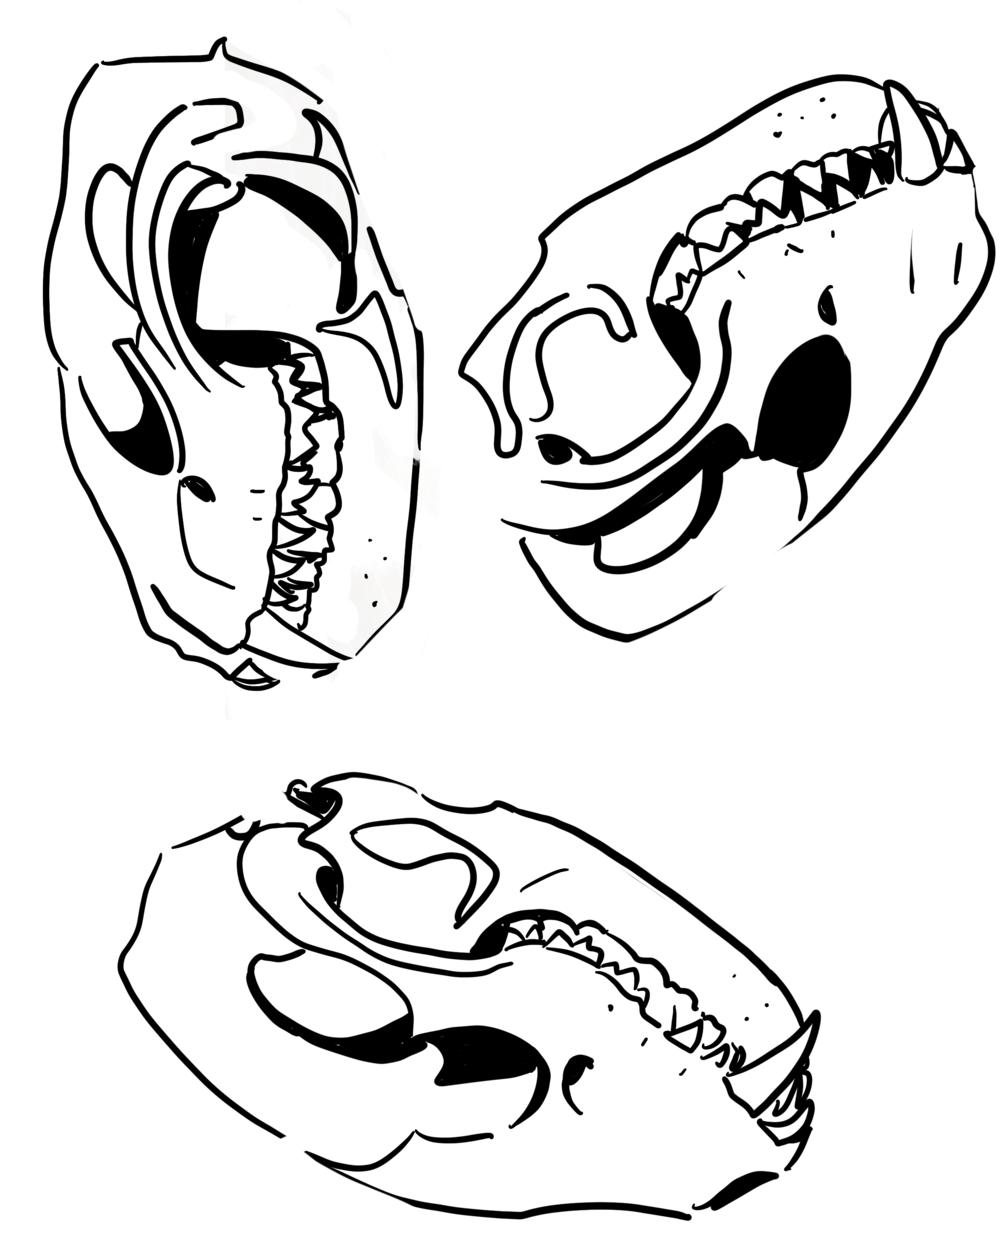 tilted_sun_becky_jewell_hart_skulls.png